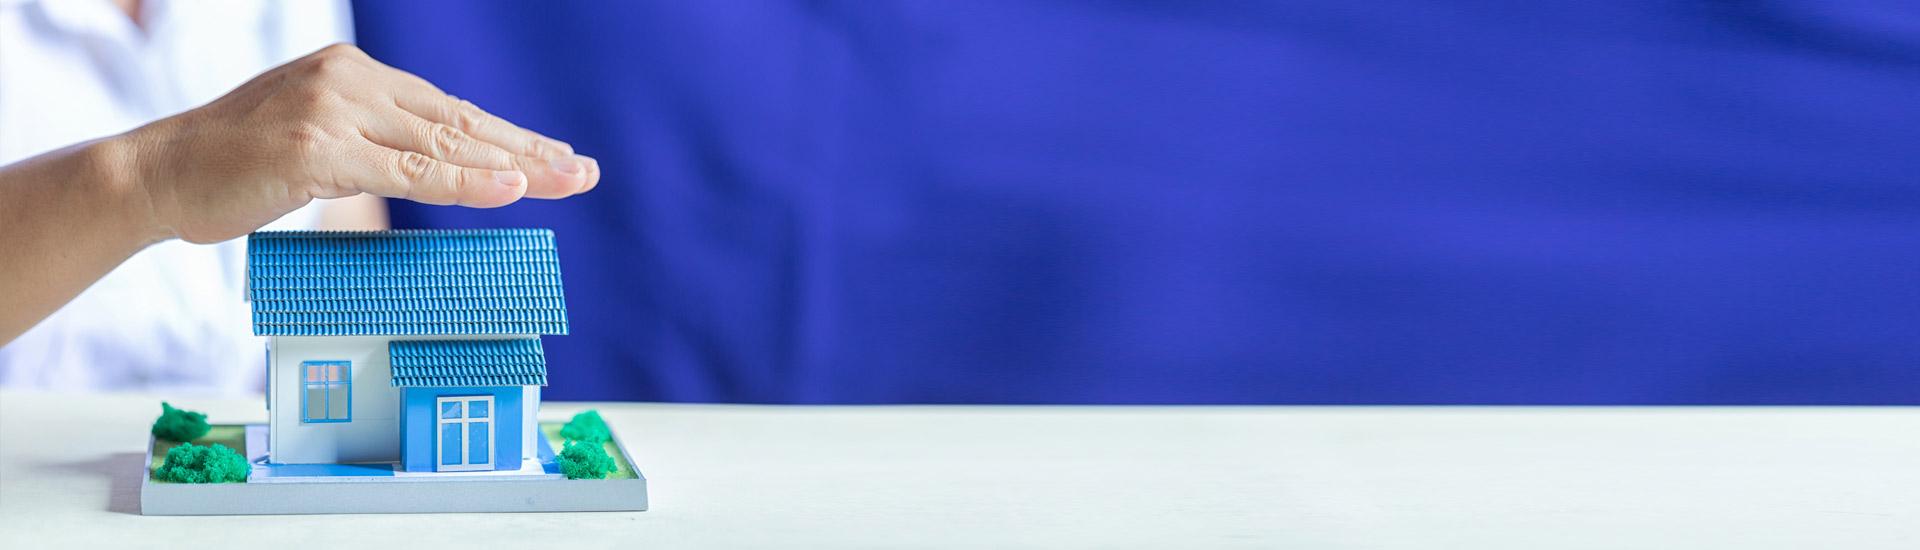 نرم افزار یکپارچه مدیریت امور دفاتر نمایندگی بیمه رادین